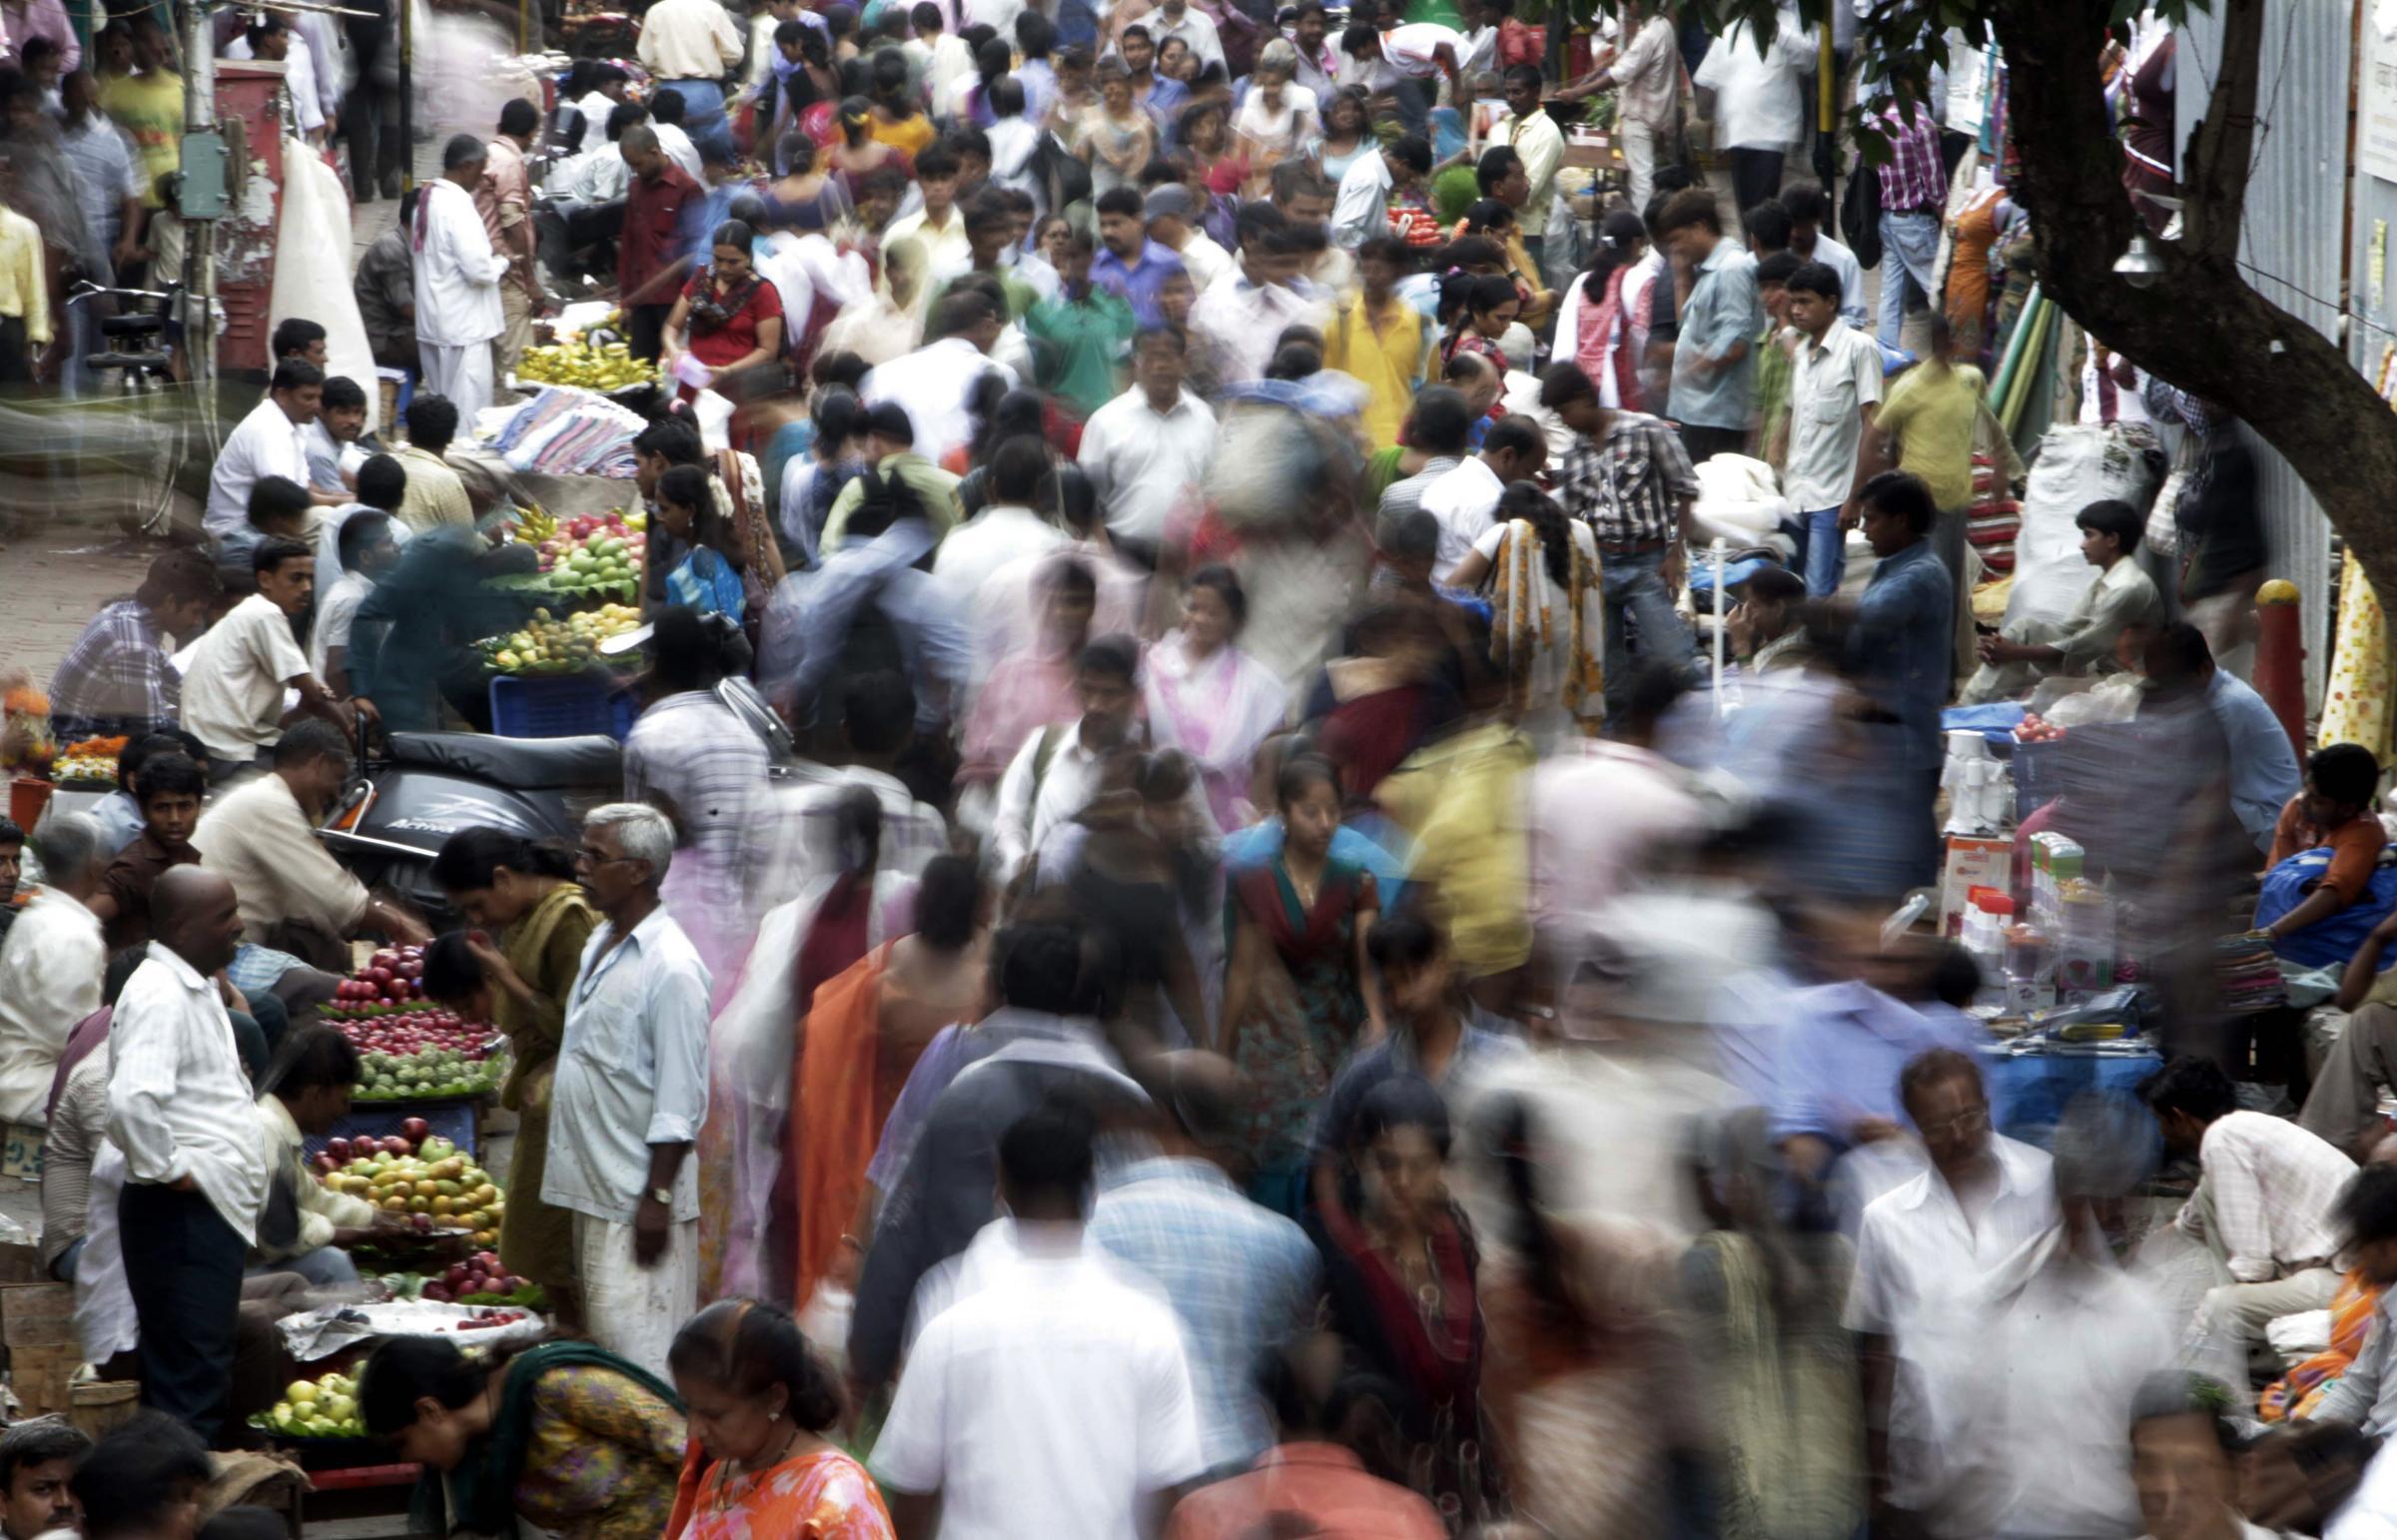 Sempre più stretti: l'umanità sfonda quota 7 miliardi